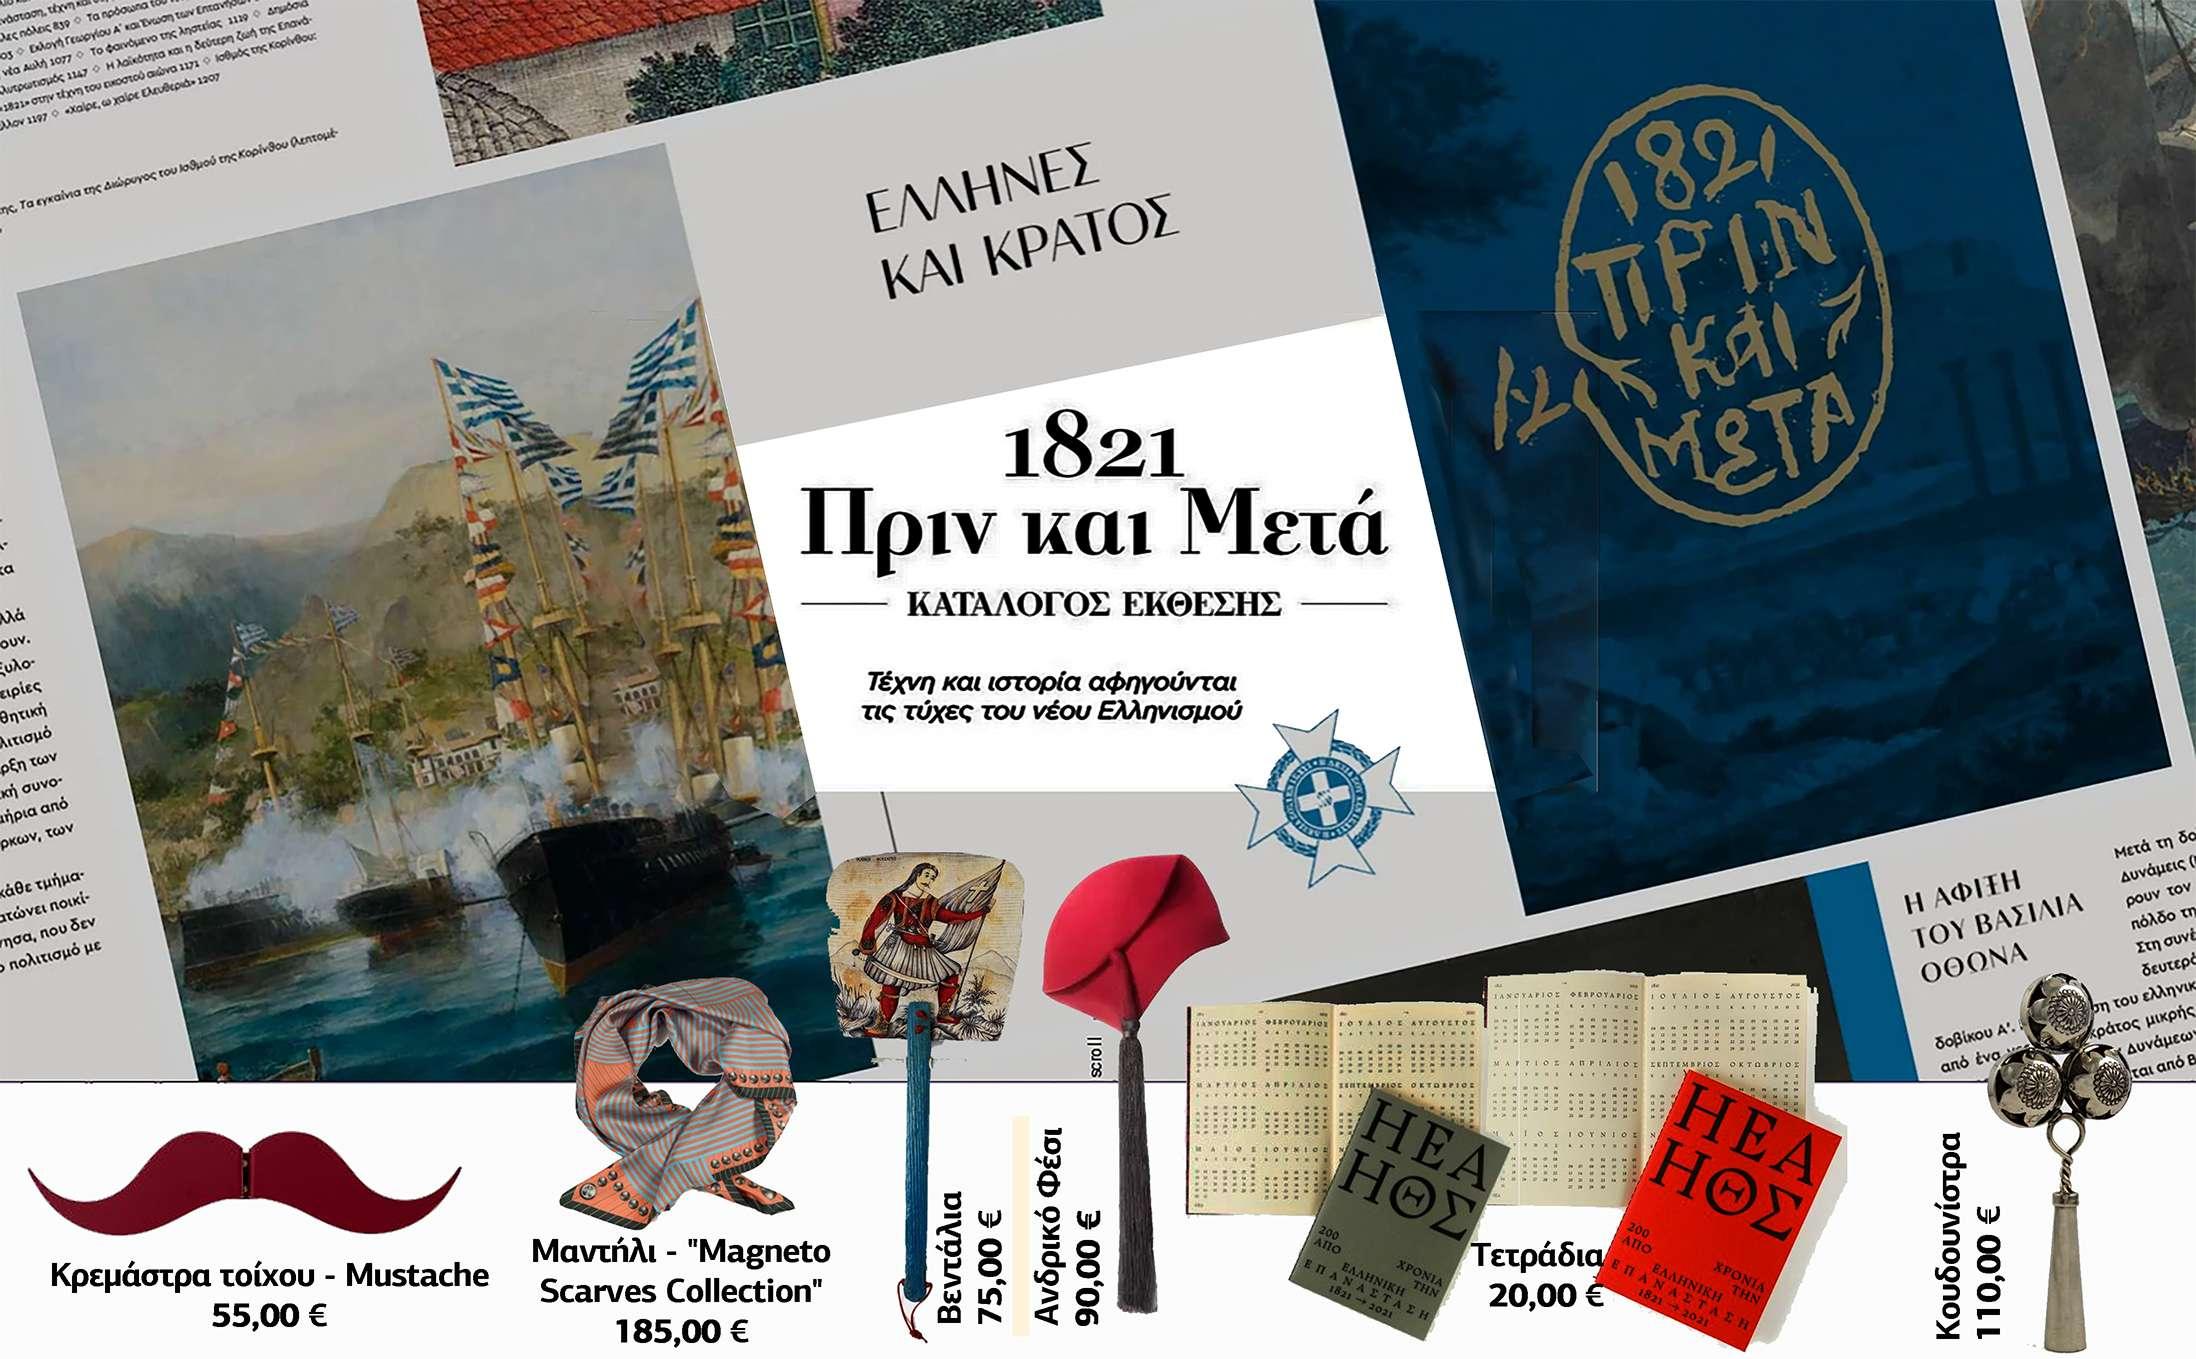 1821 Μουσείο Μπενάκη